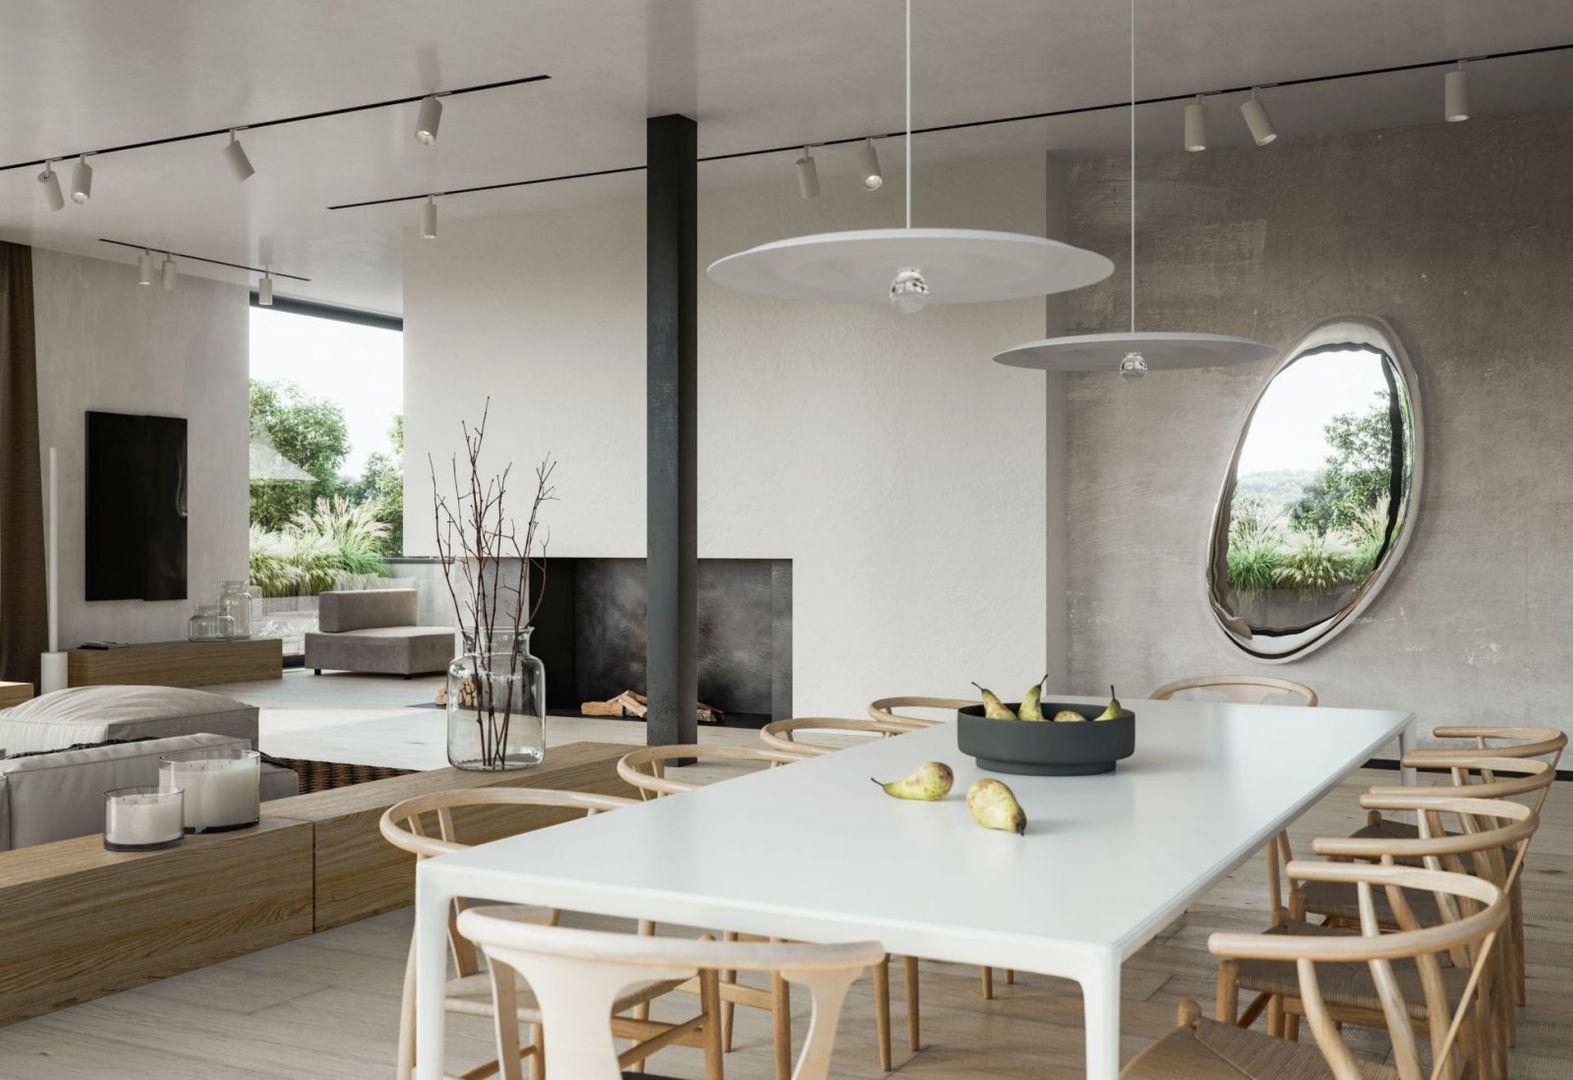 Architekci ze Studio.O. ograniczają liczbę ścian i otwierają przestrzeń. Taką powierzchnię łatwo jest przearanżować i zaadaptować według różnych potrzeb. Projekt i zdjęcie: Studio.O.